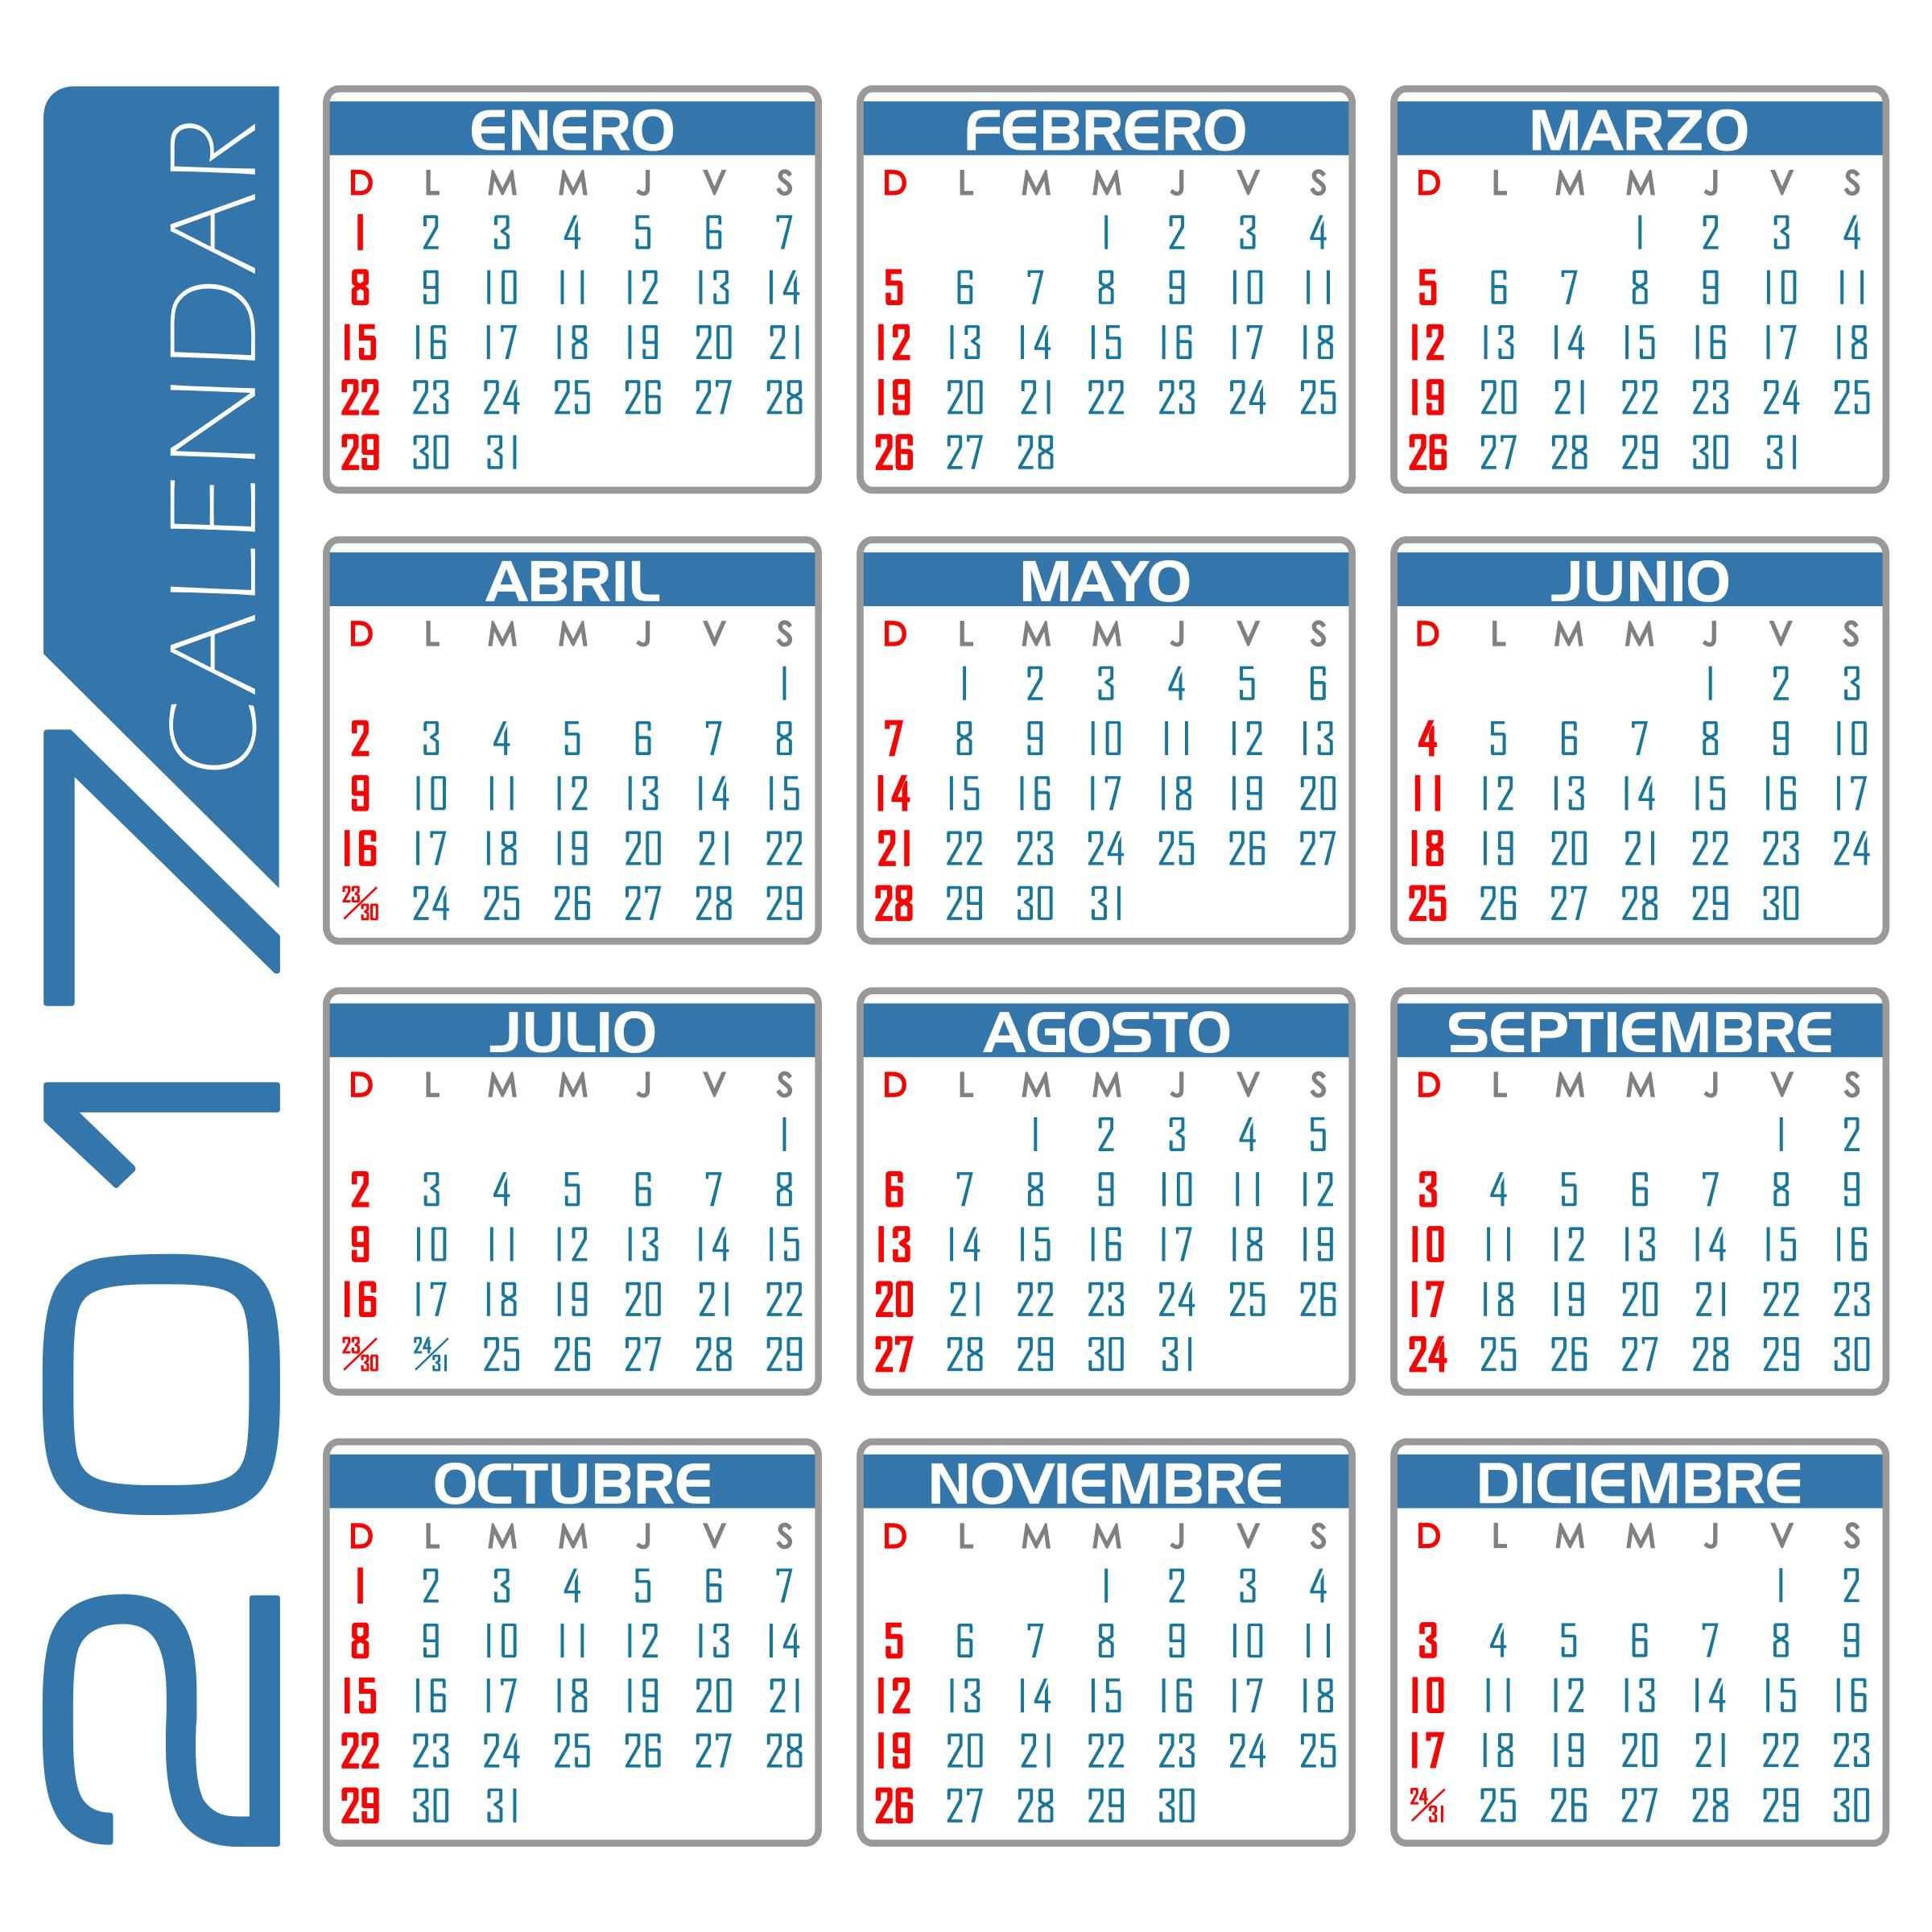 Calendario 2017 espanol for Clipart calendario